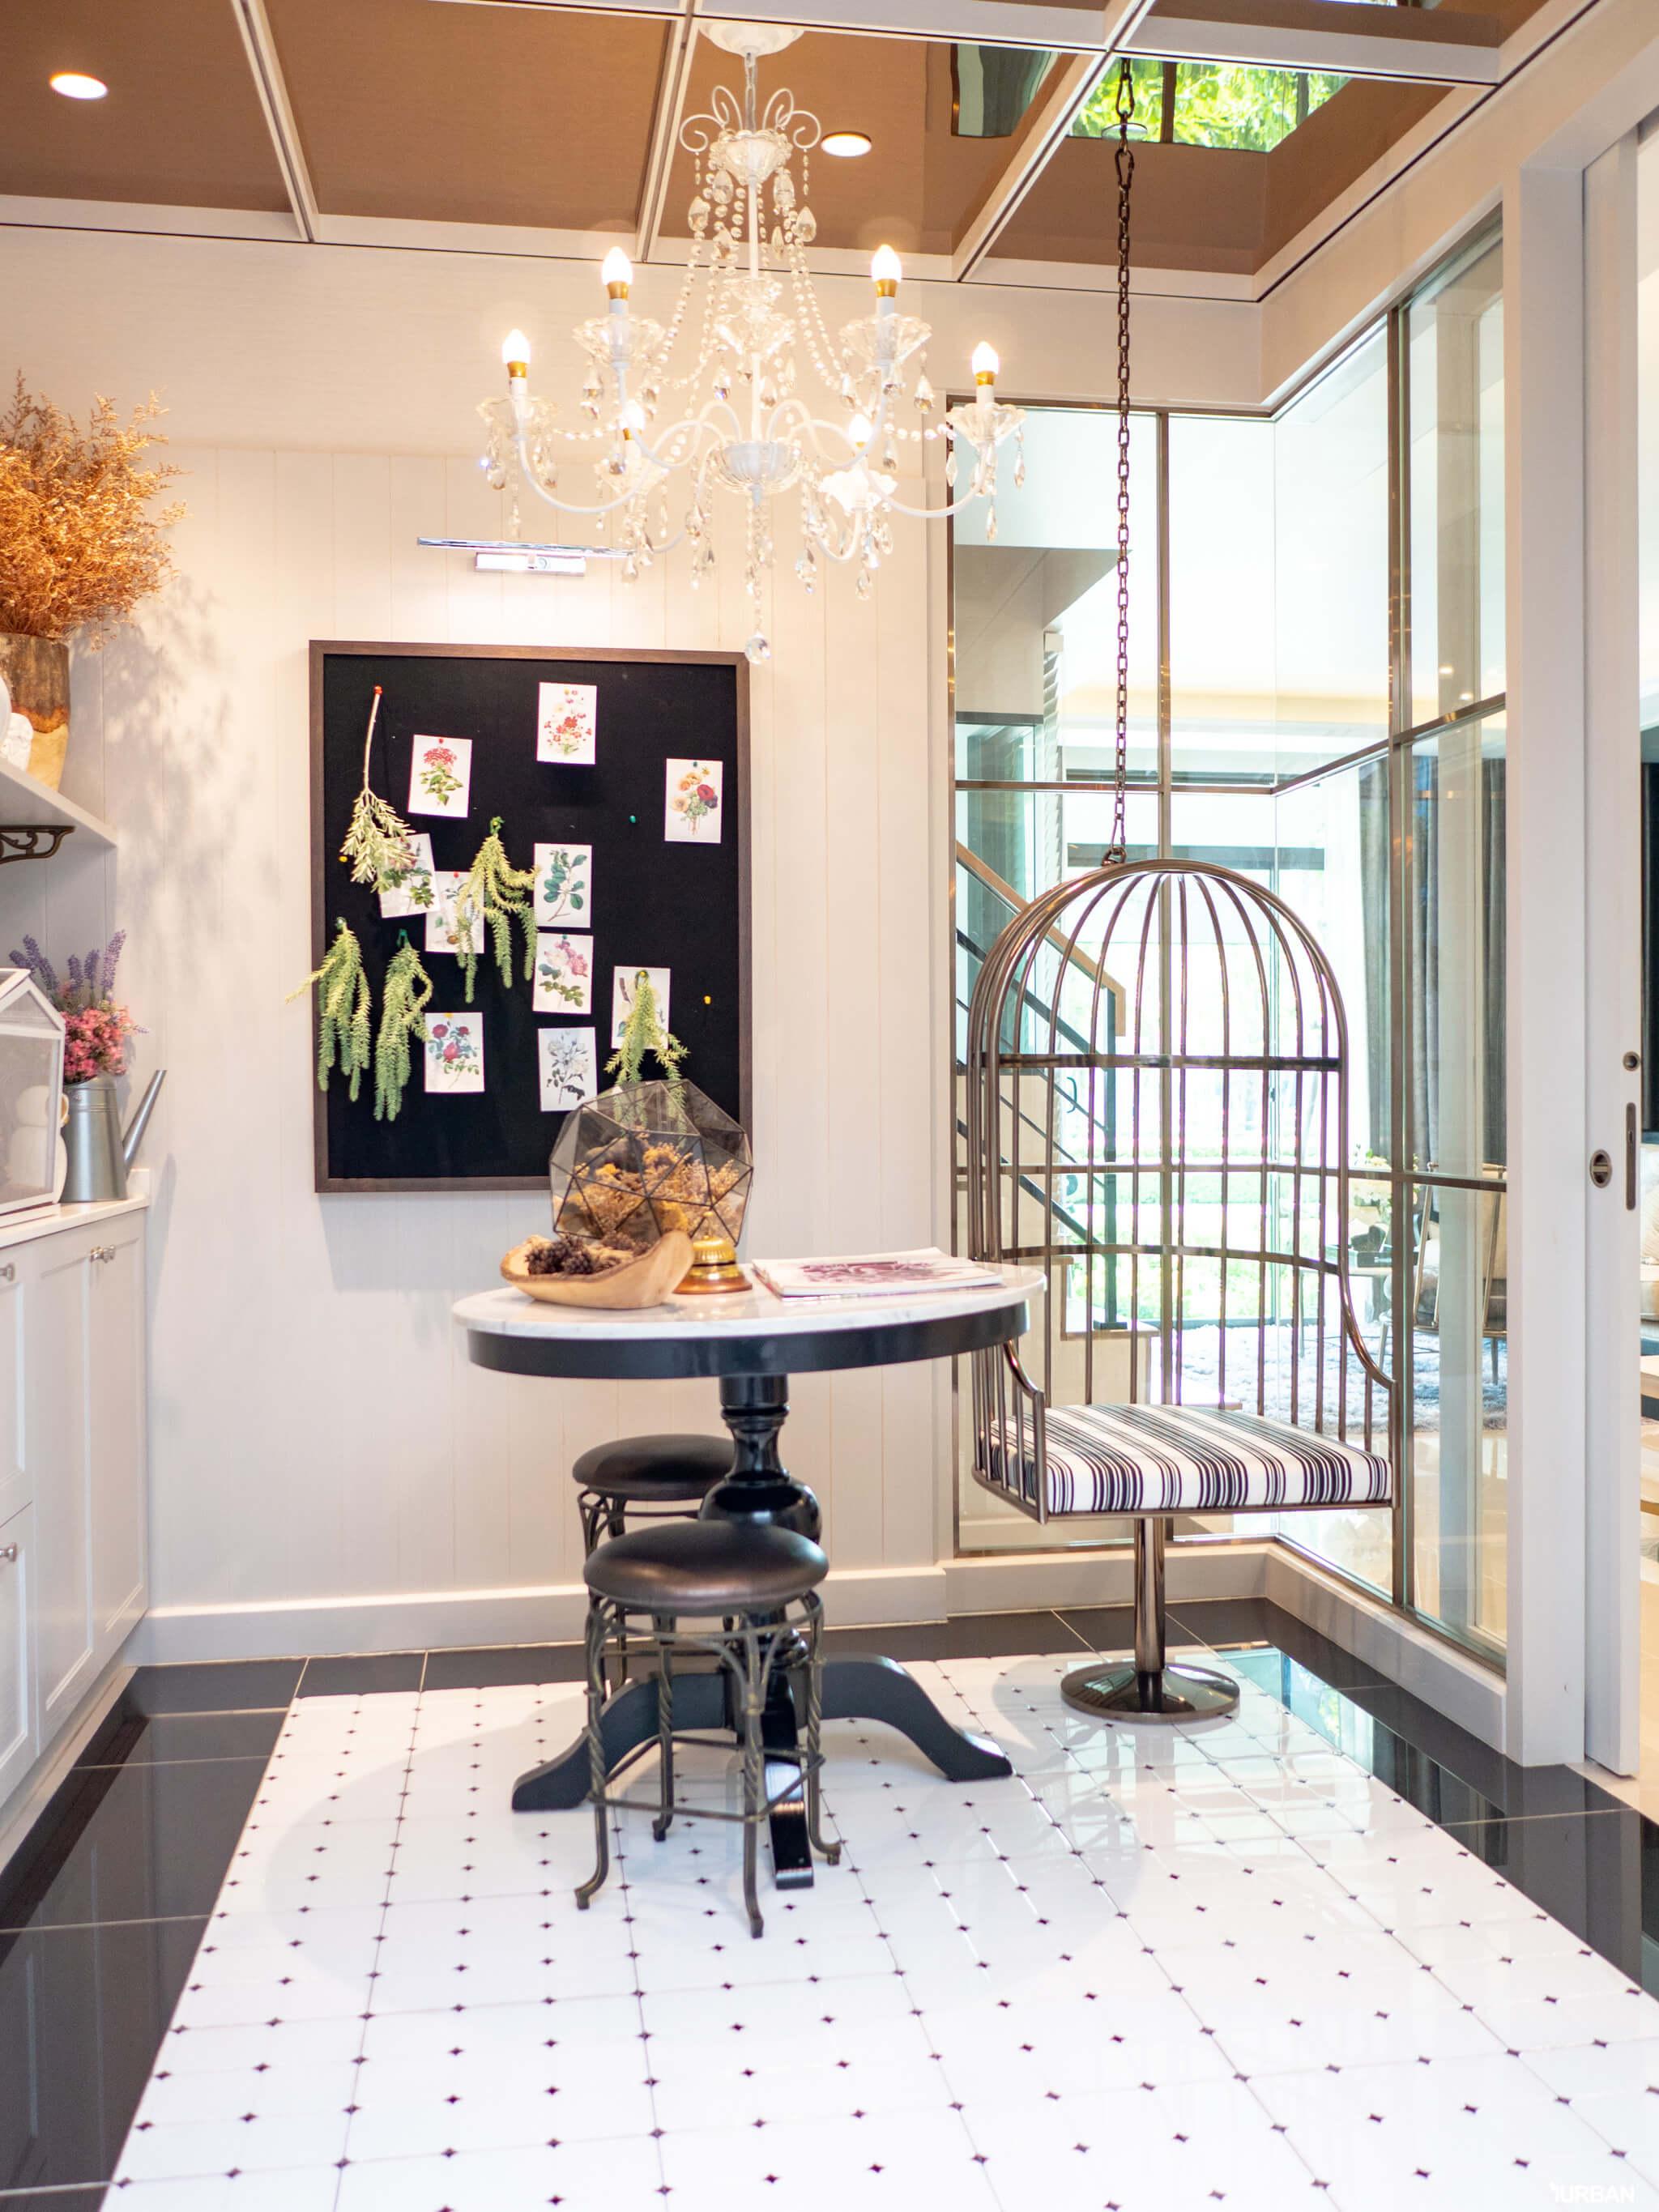 รีวิวทาวน์โฮม Pleno ปิ่นเกล้า - จรัญฯ การออกแบบที่ดีมากทั้งในบ้านและส่วนกลางที่ให้เกินราคา 50 - AP (Thailand) - เอพี (ไทยแลนด์)